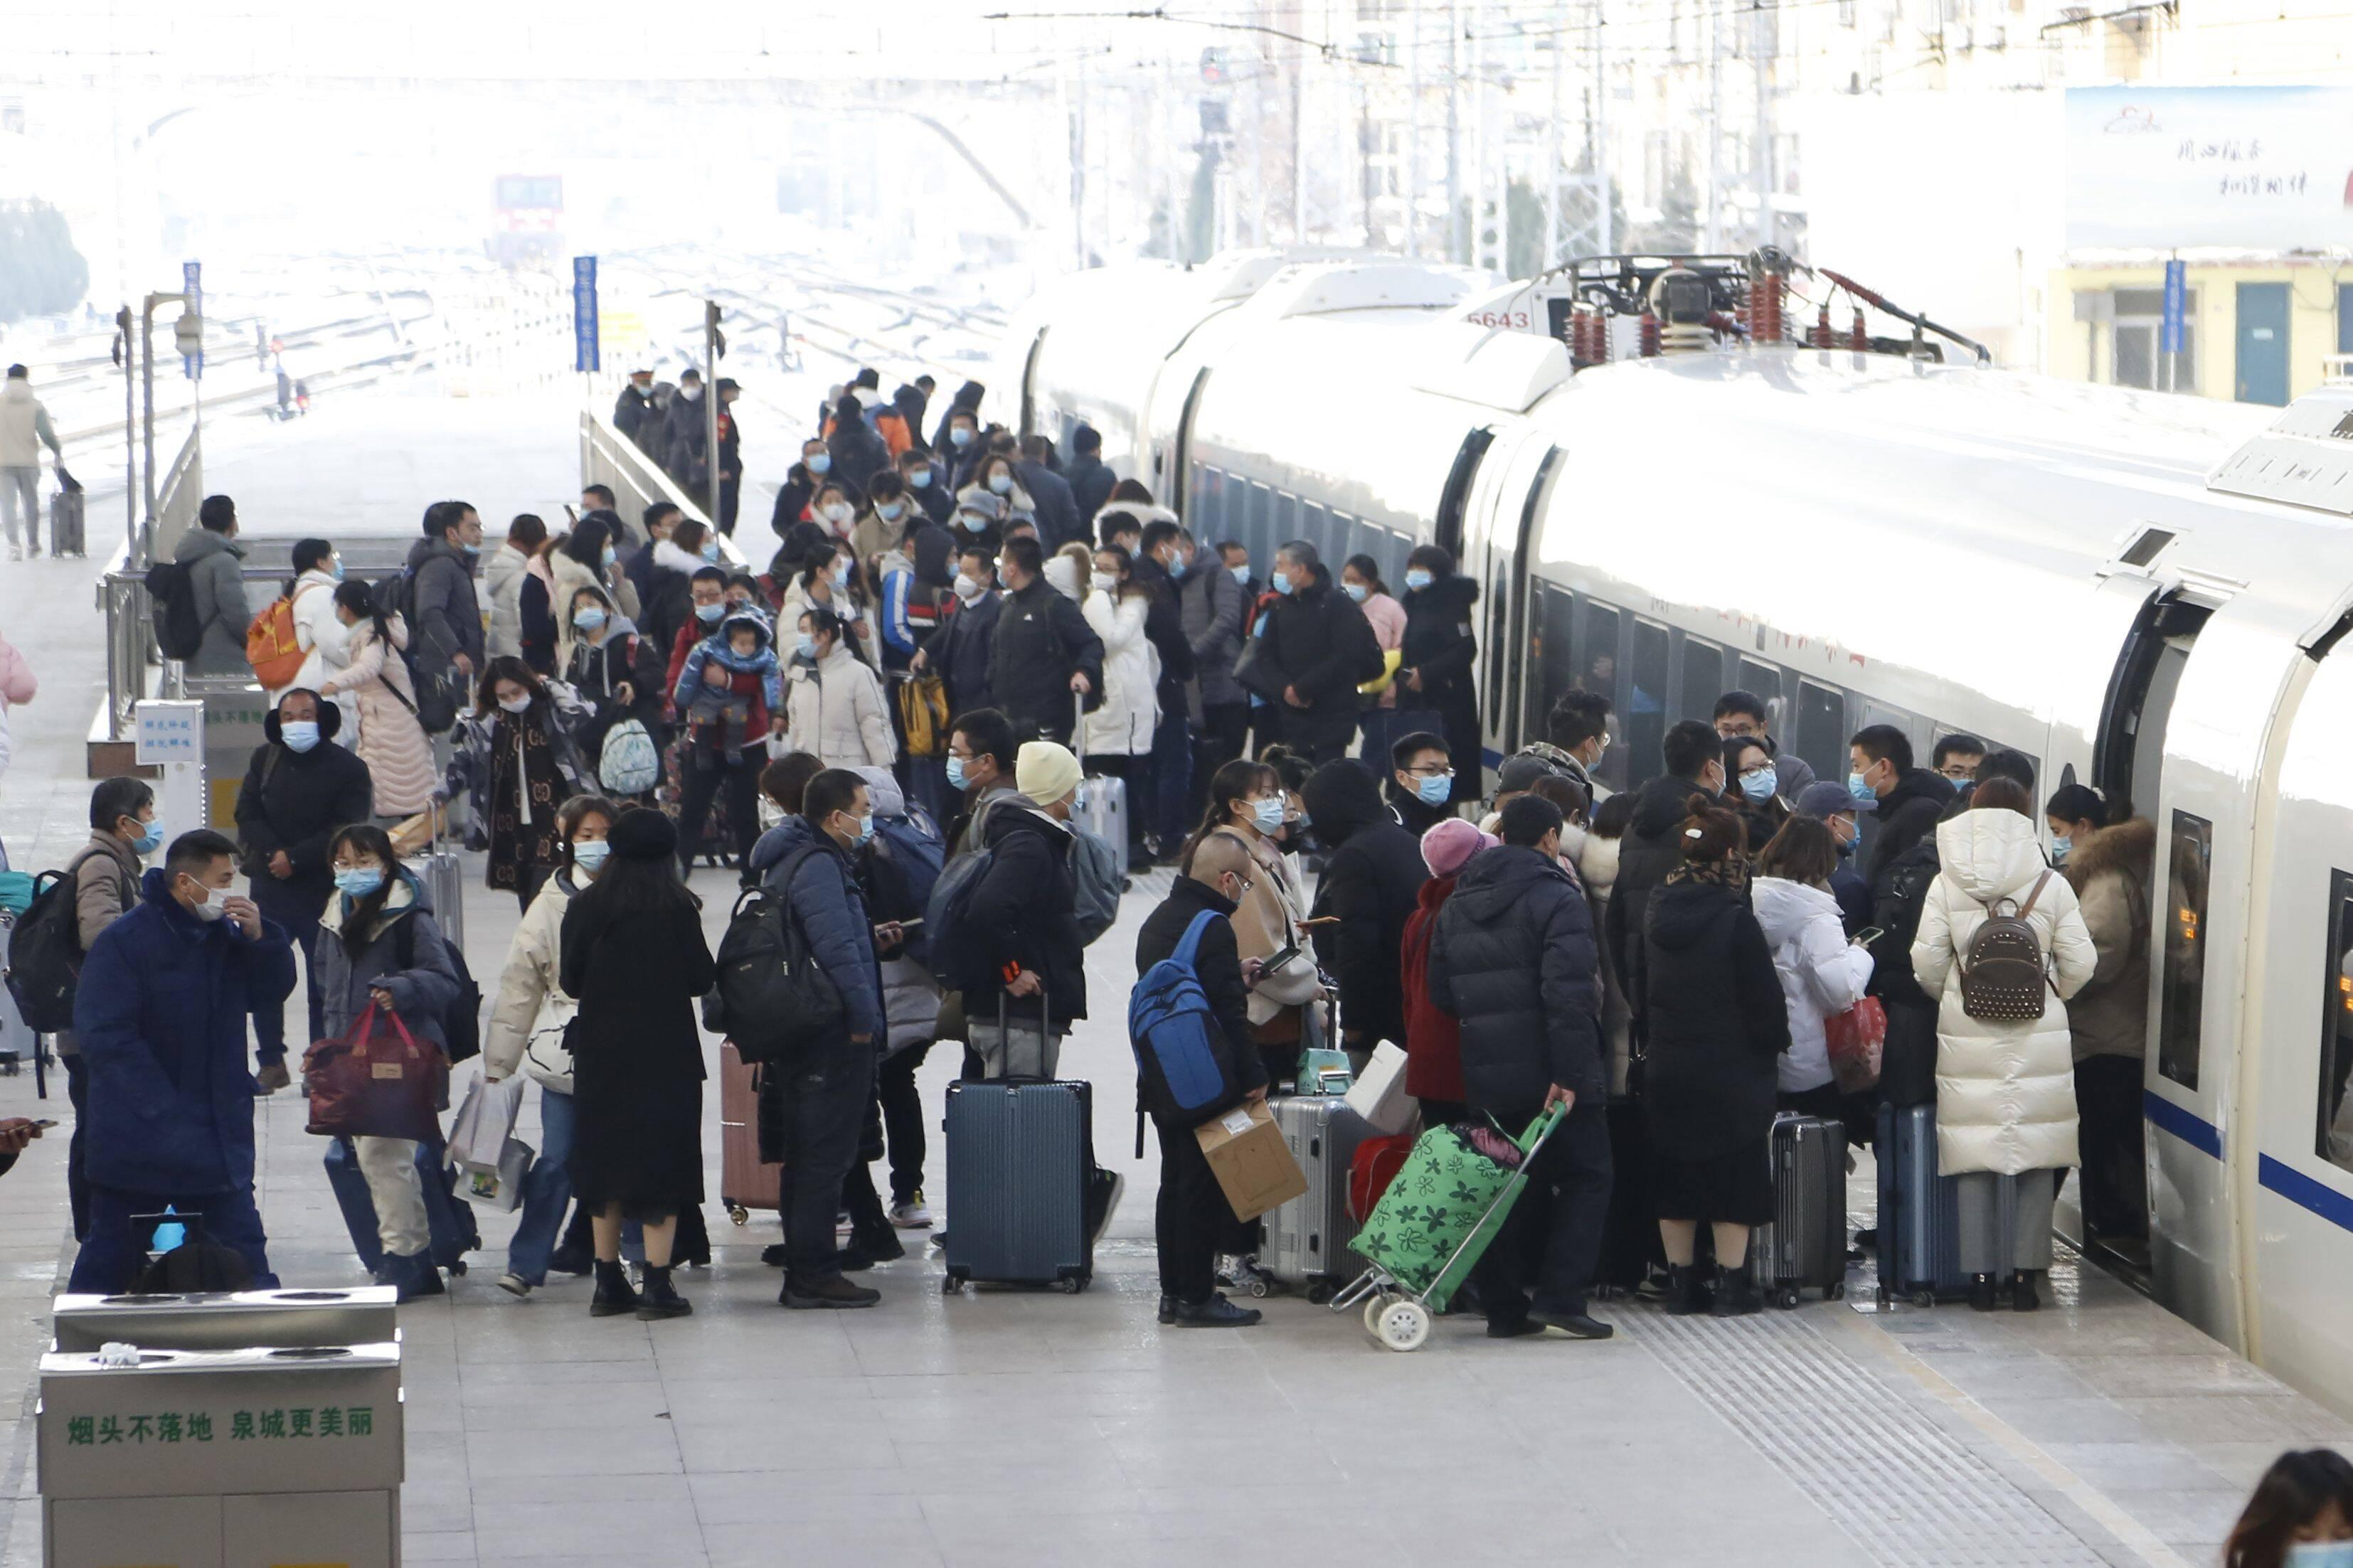 今天!元旦假期铁路旅客运输启动 列车实施重联加挂